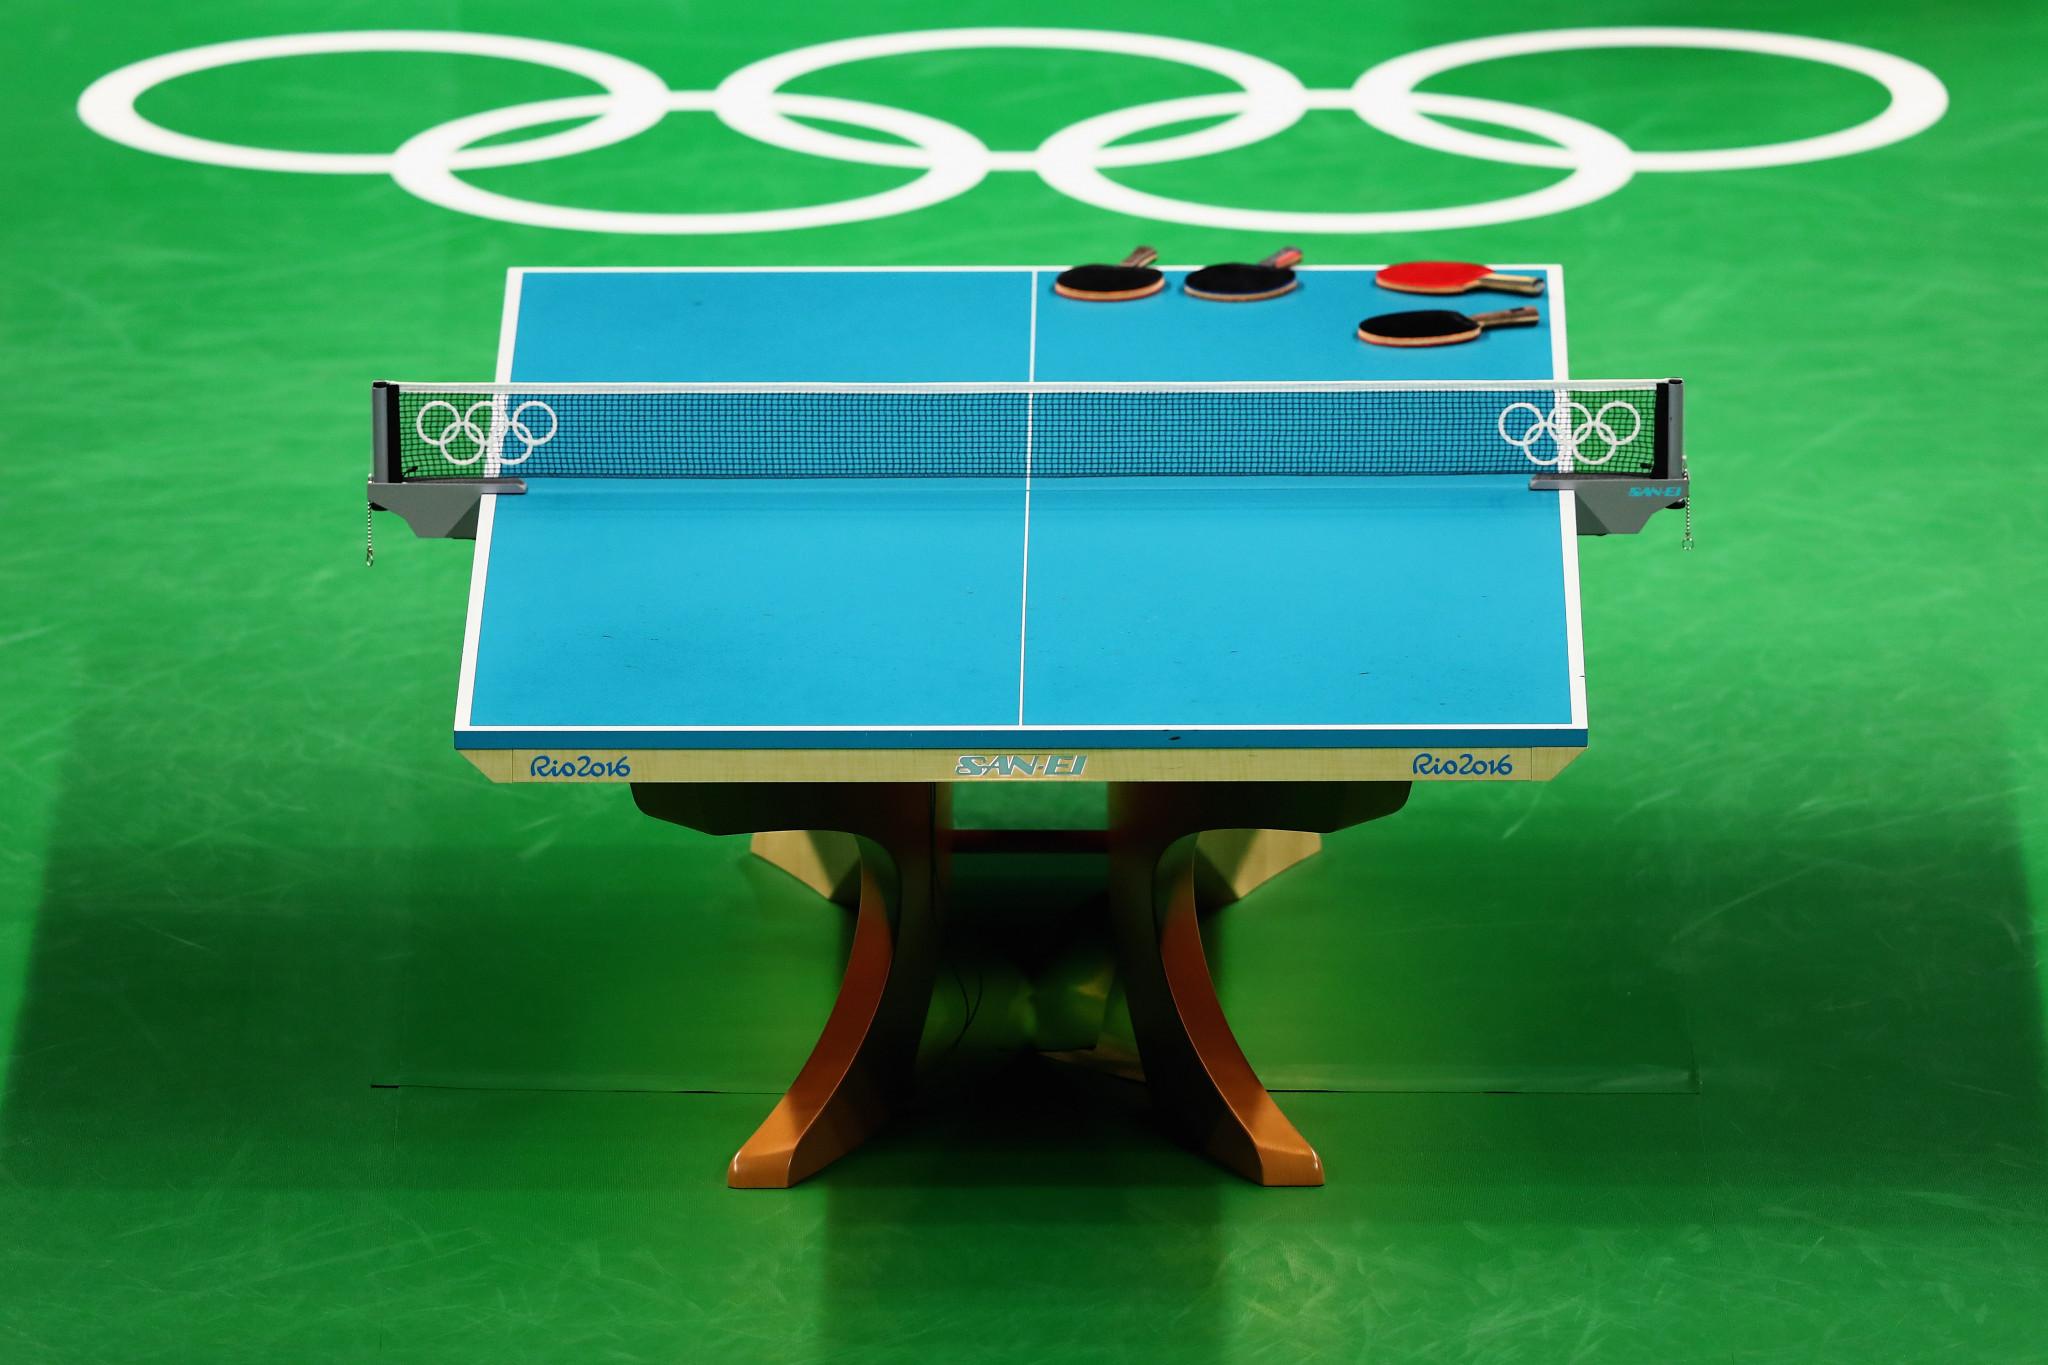 ITTF realizará asamblea general y elecciones presidenciales en septiembre